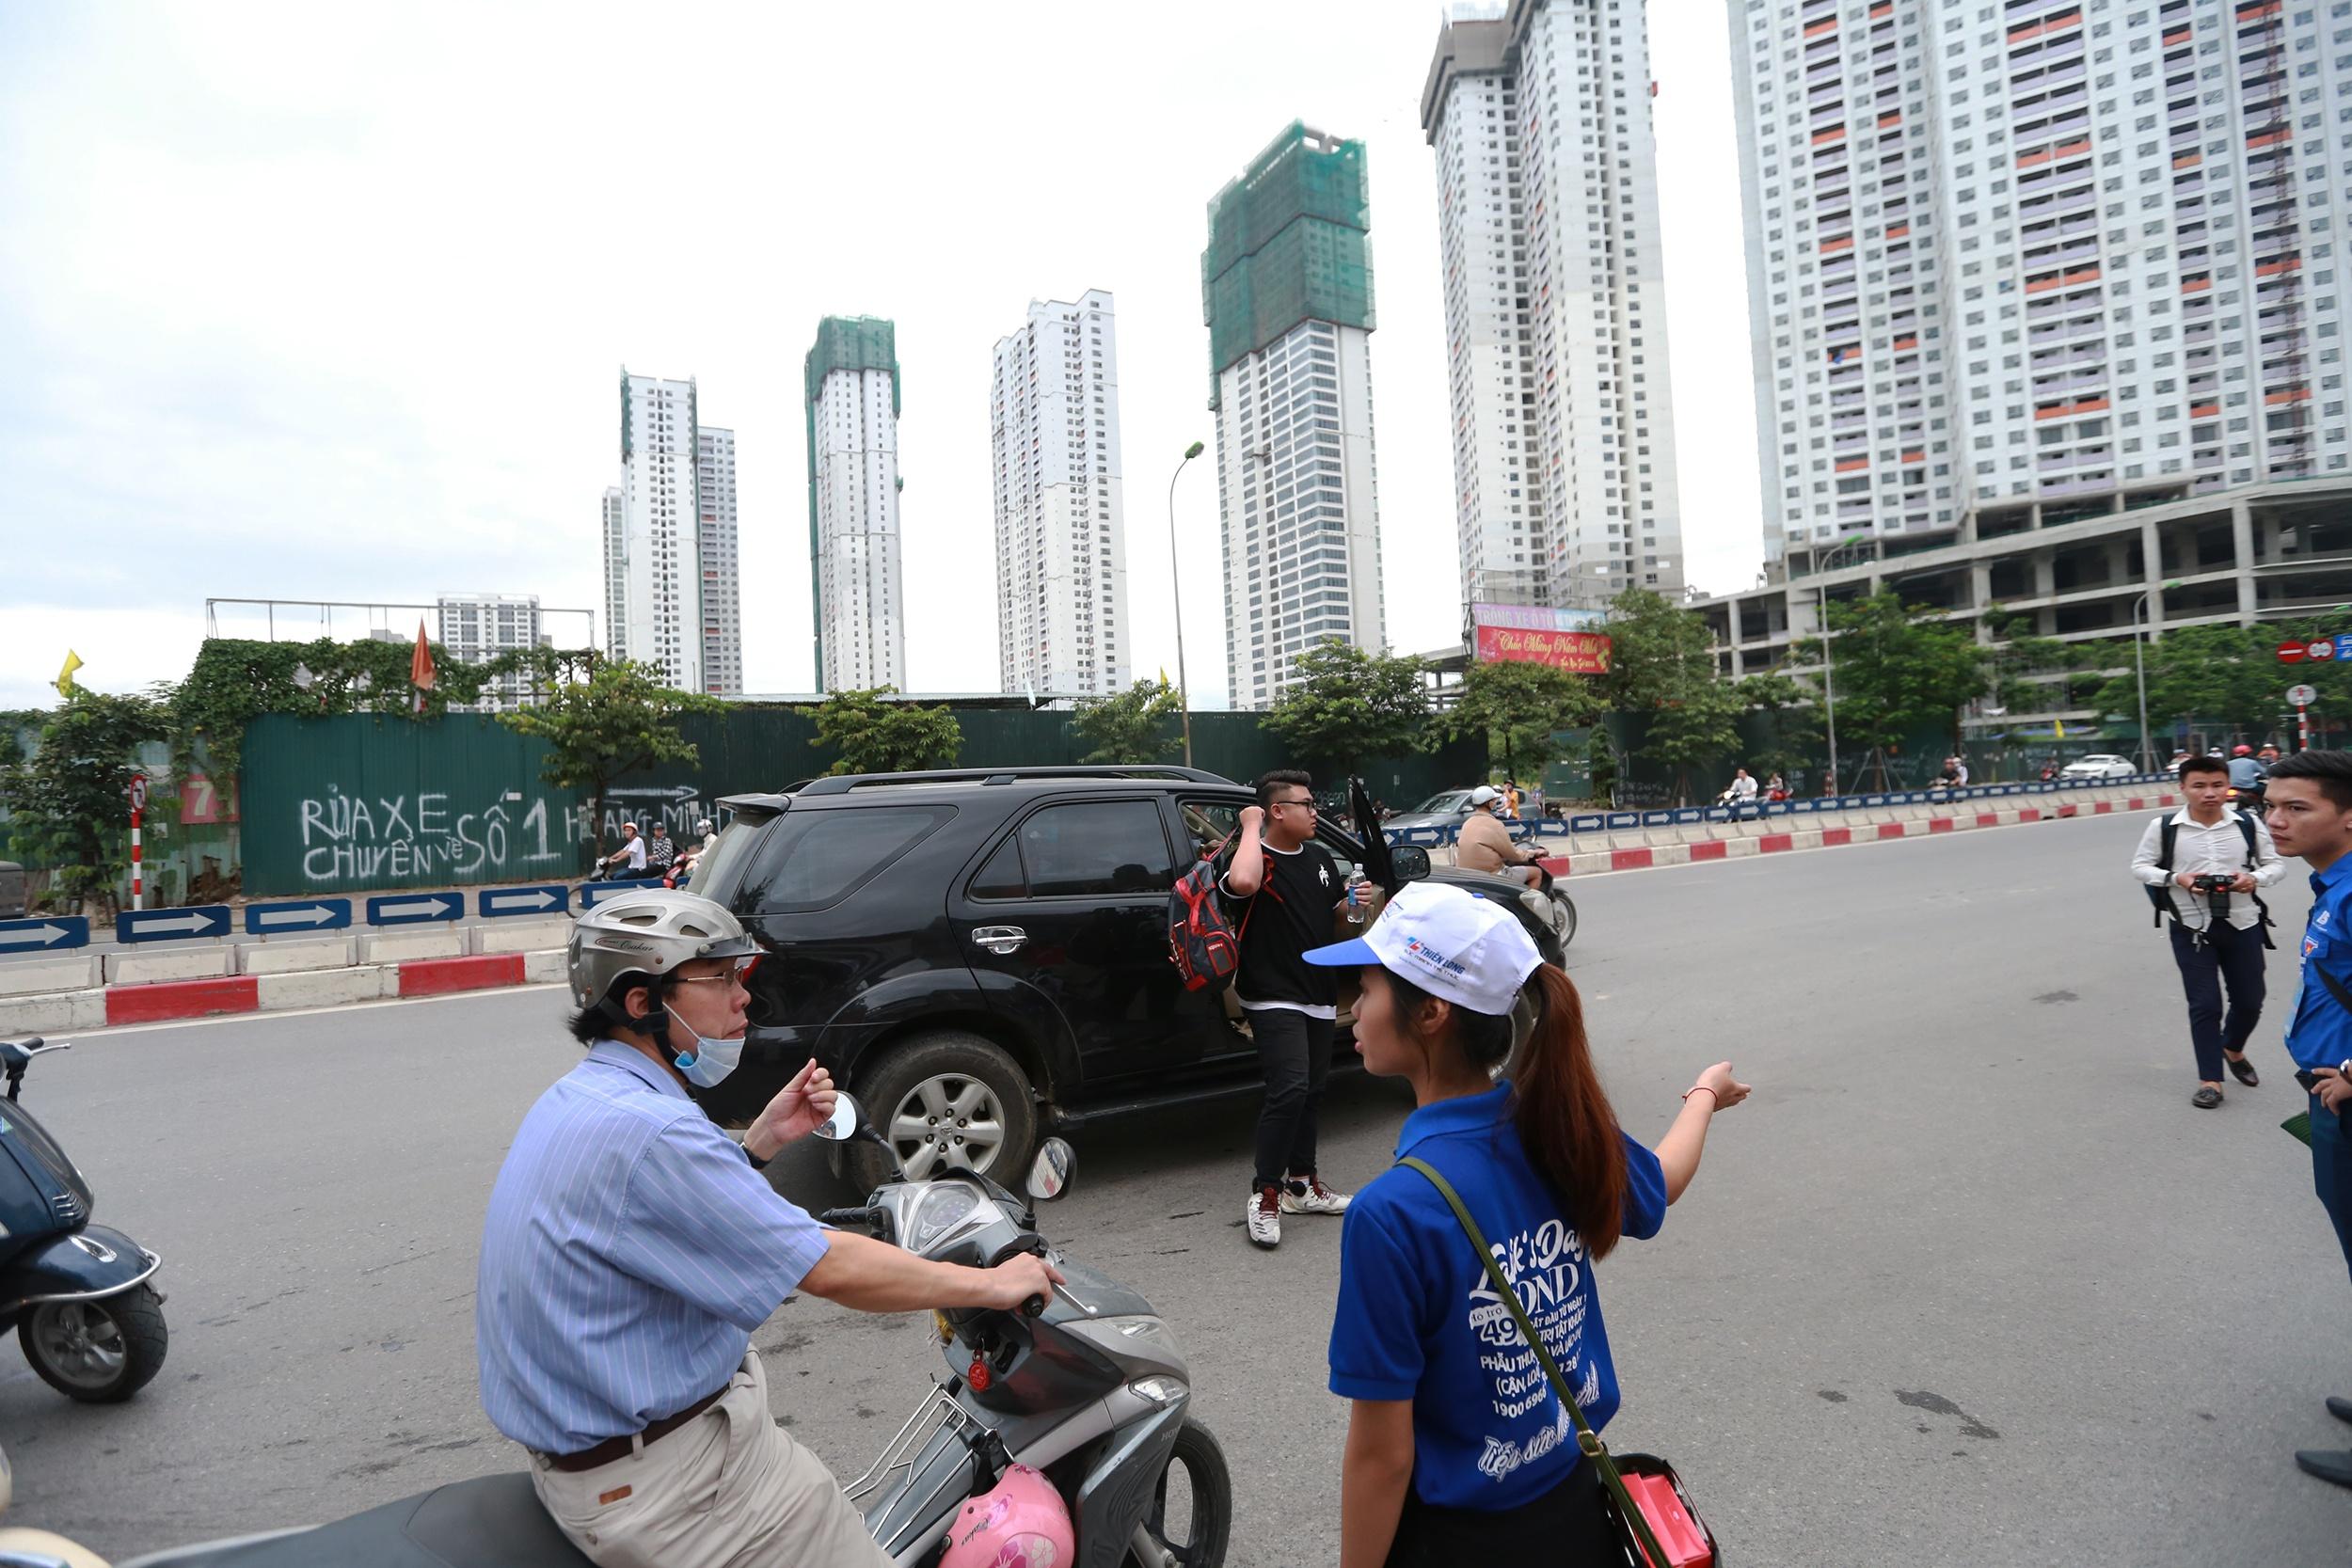 Nhiều thí sinh được phụ huynh đưa đến điểm thi bằng xe ô tô hạng sang.